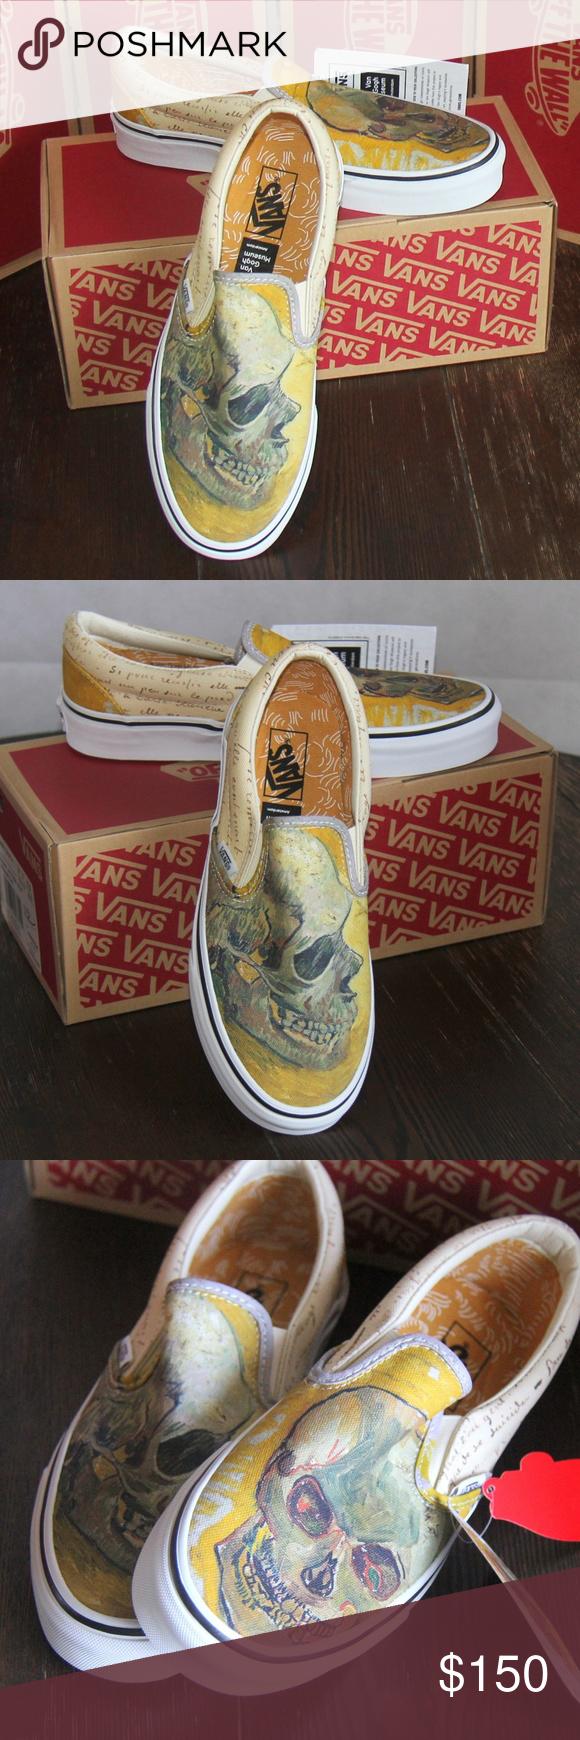 1075af0a42993f VANS X Vincent van Gogh Skull Sneakers M 6.5   W 8 VANS X Vincent van Gogh  Skull Classic Slip On Sneakers